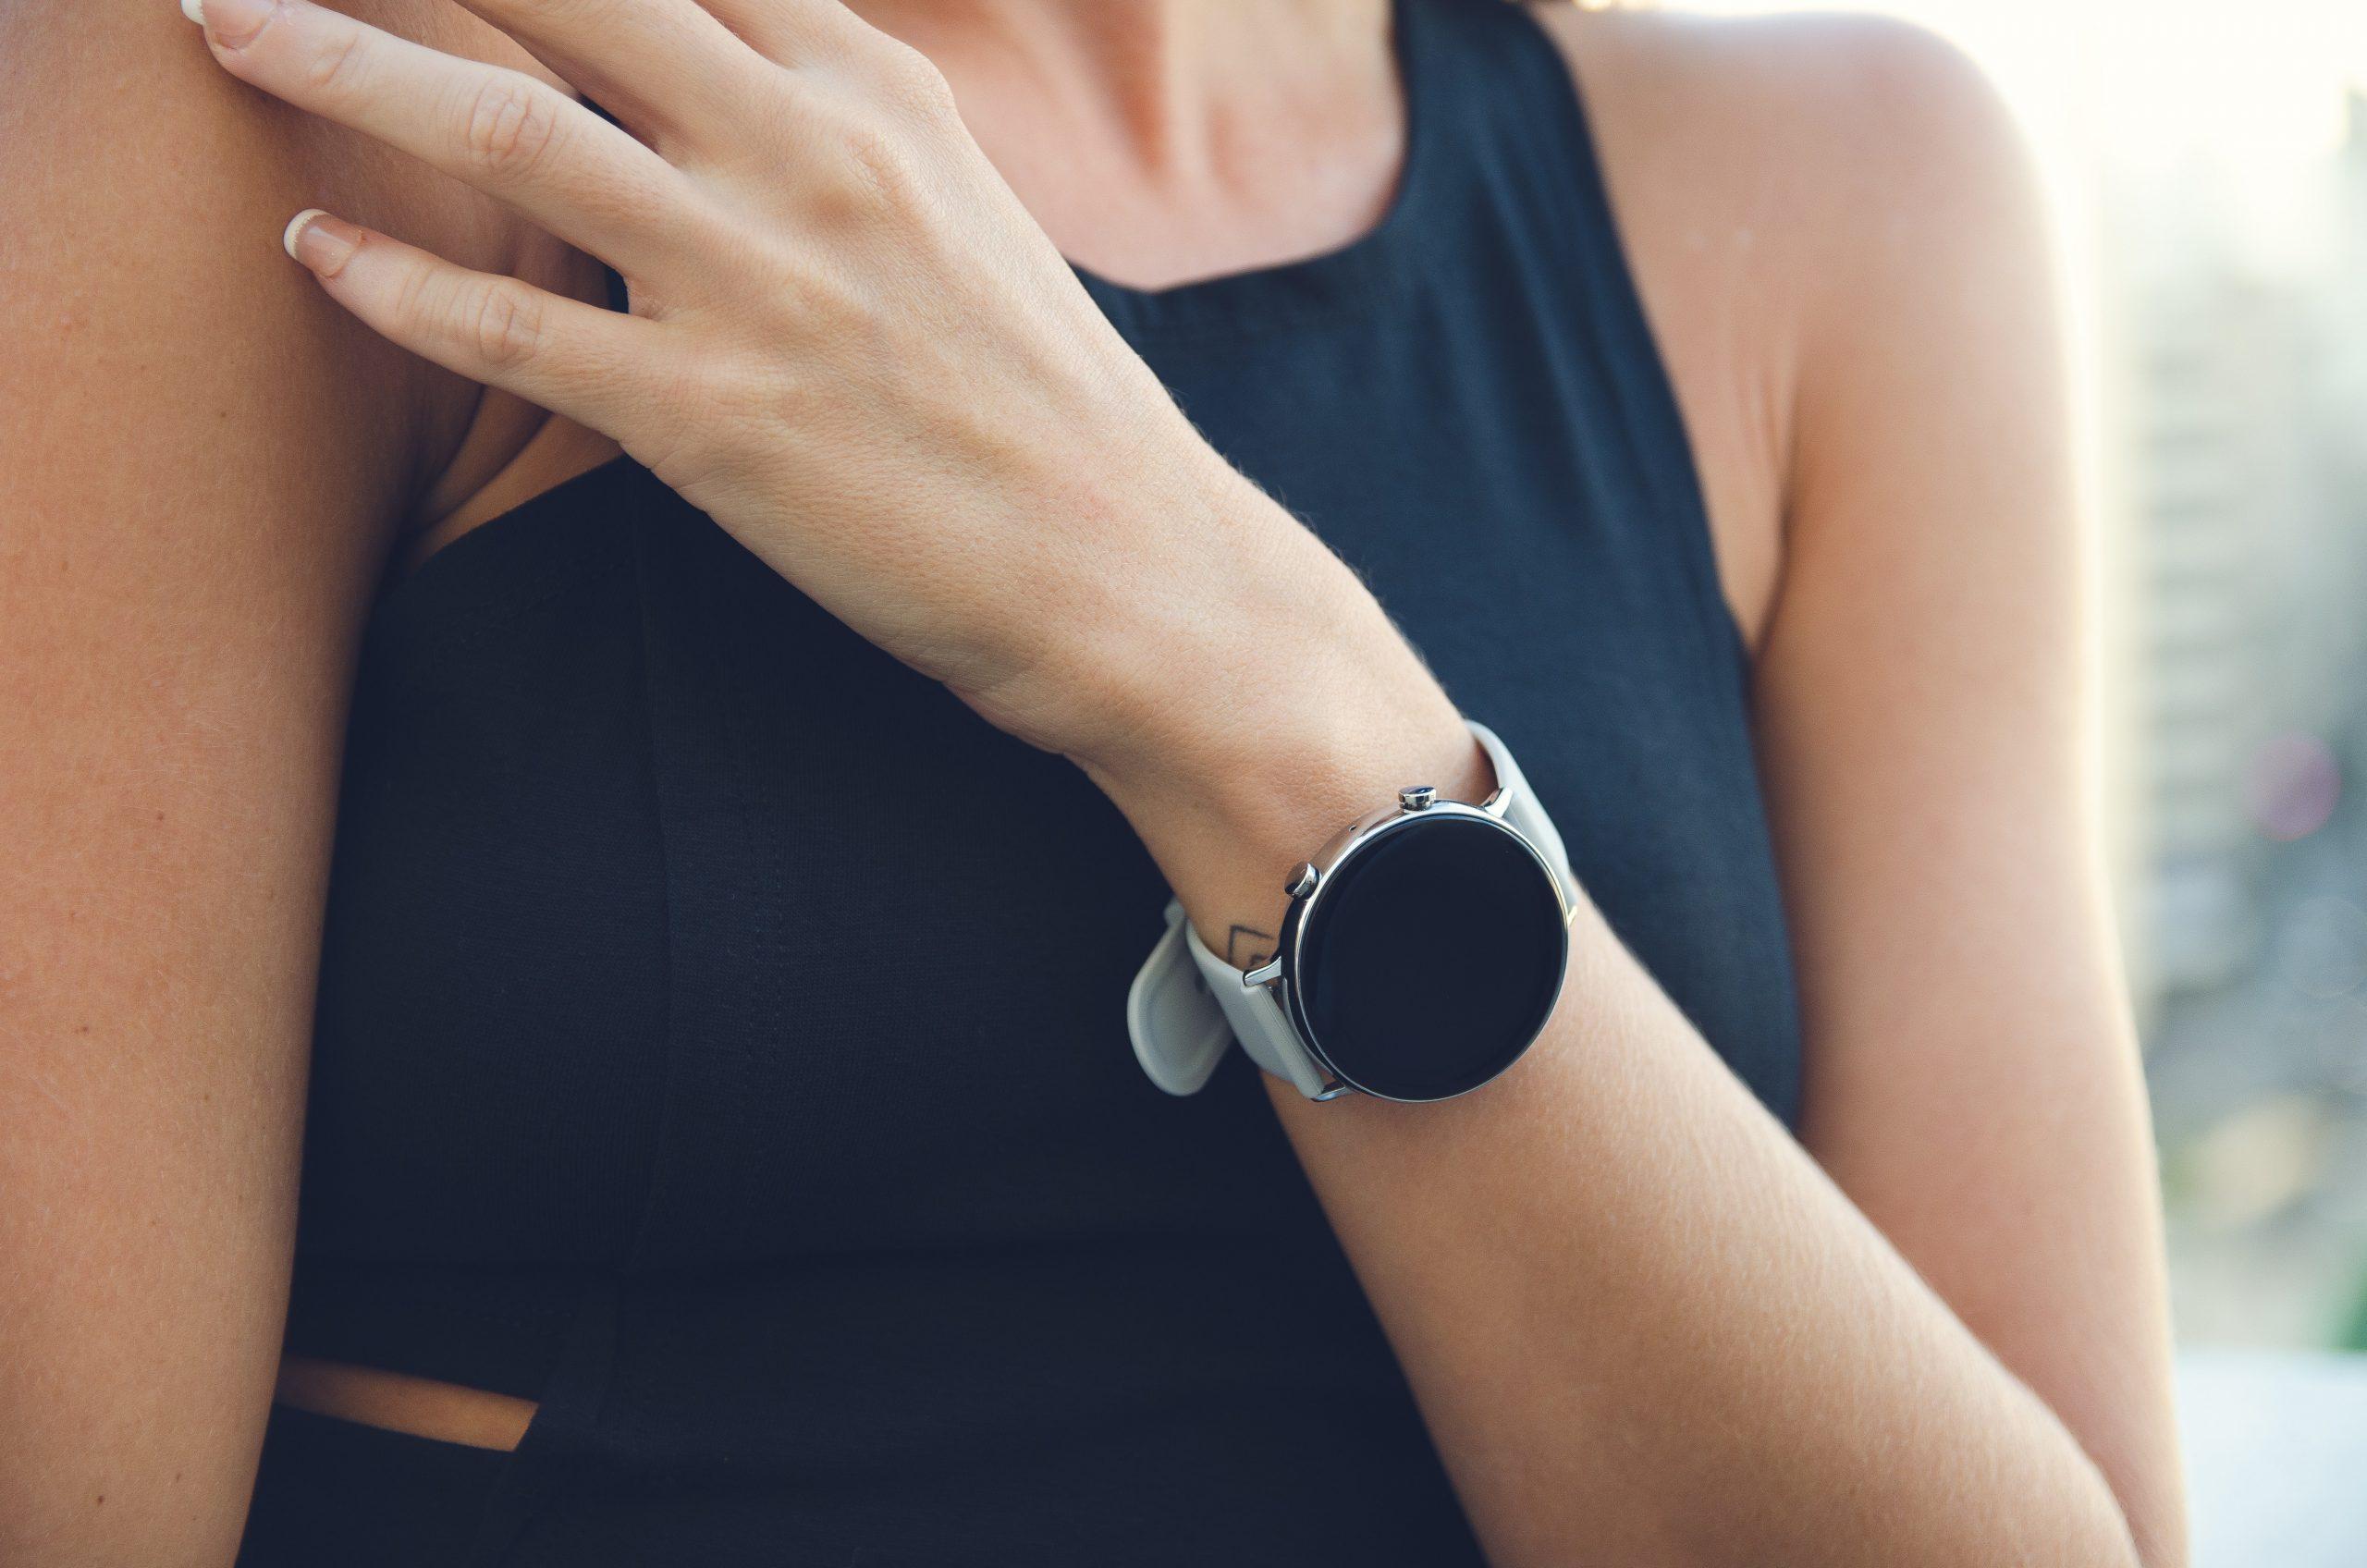 Imagem de um smartwatch feminino.